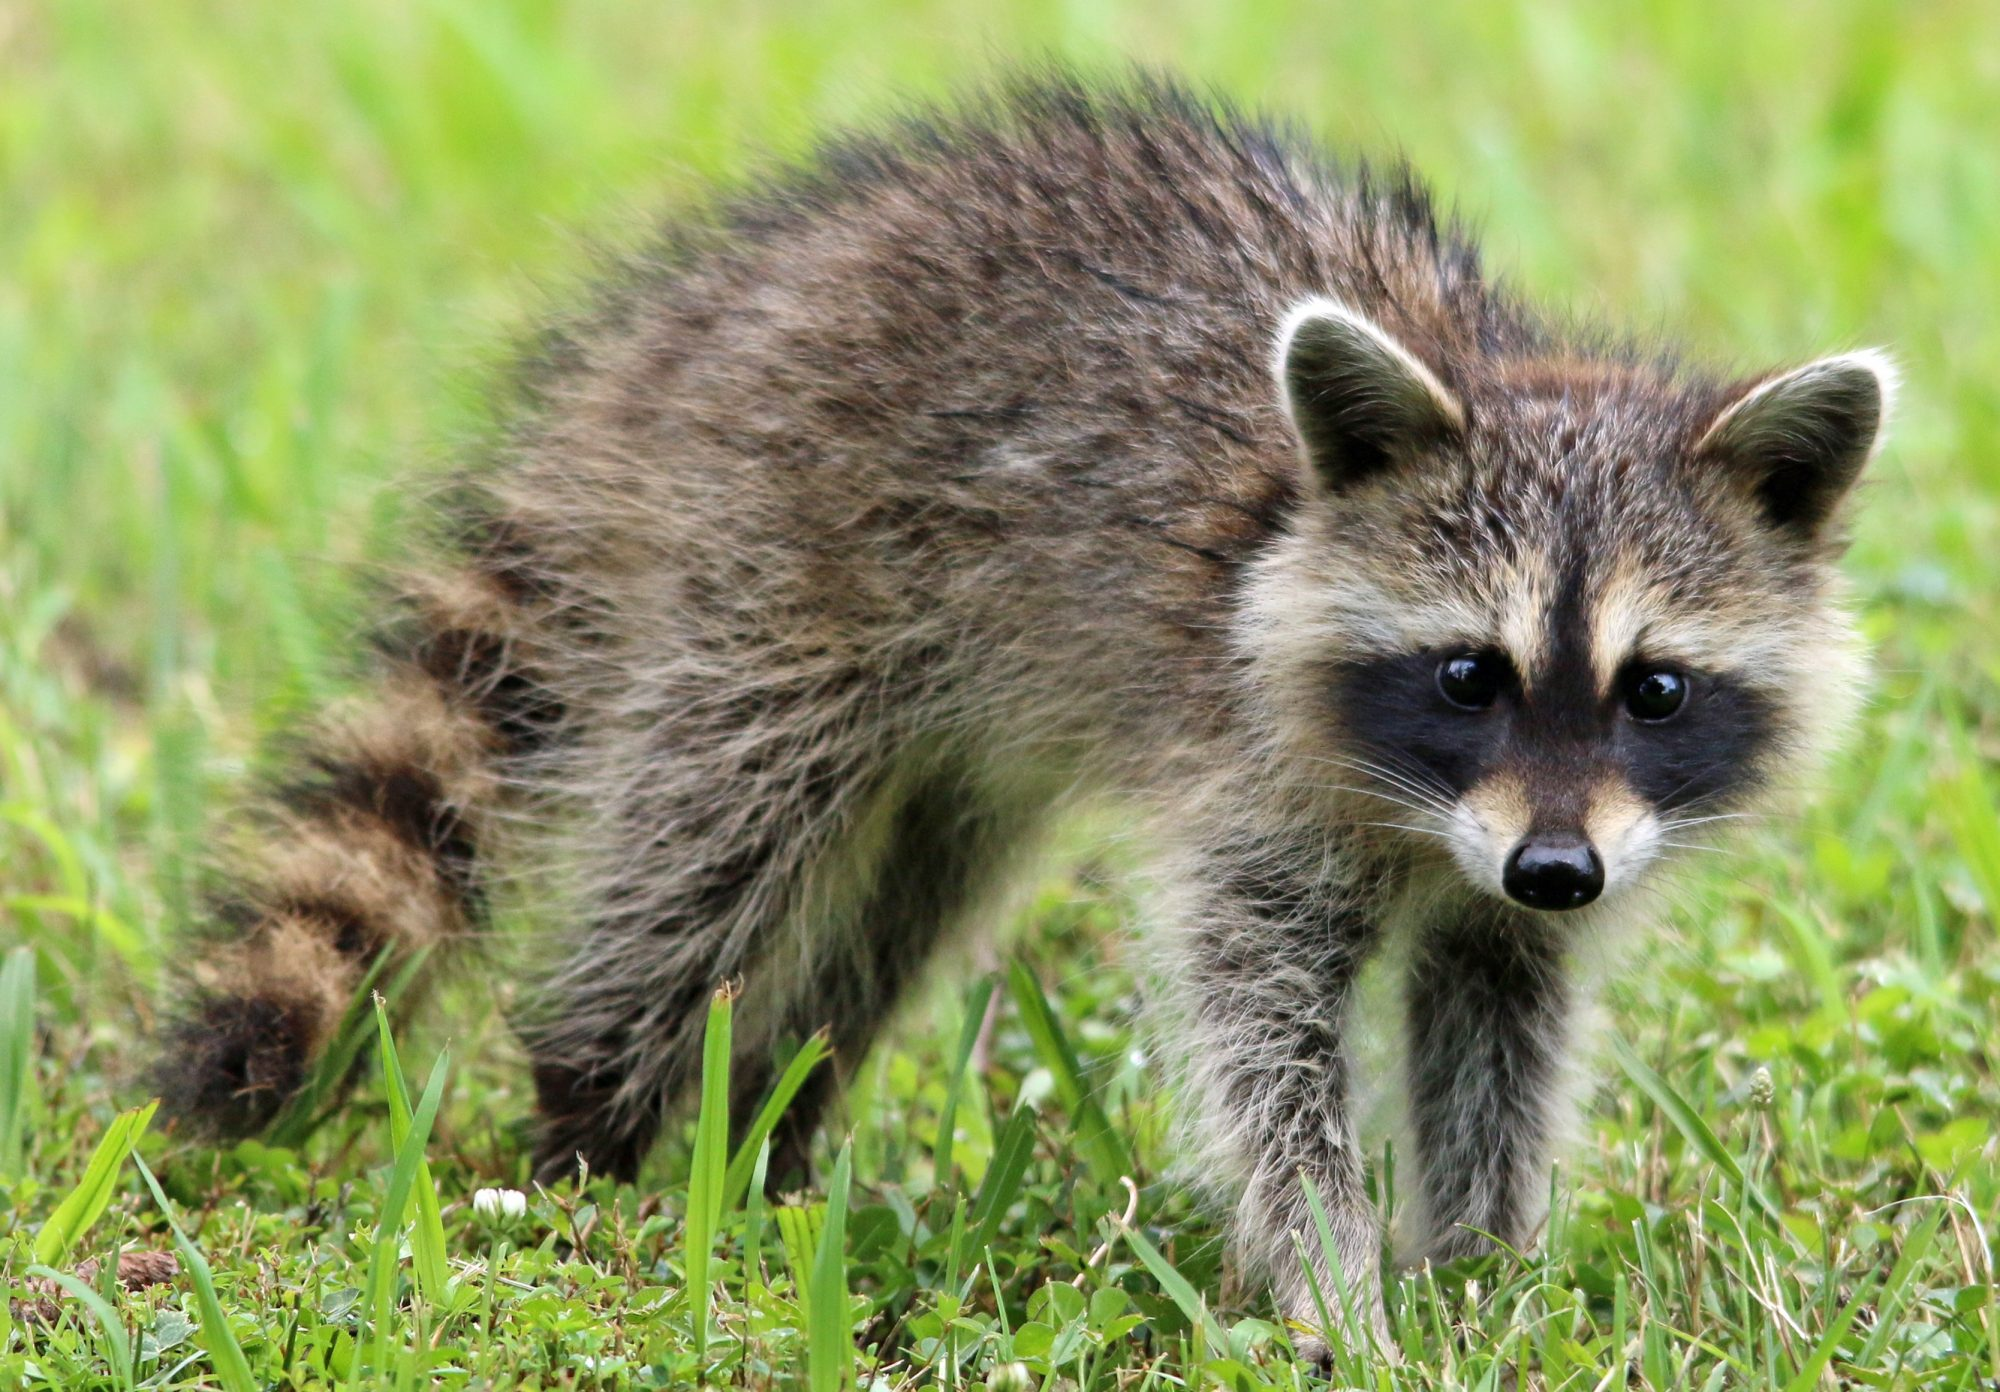 Home | DFW Wildlife Organization